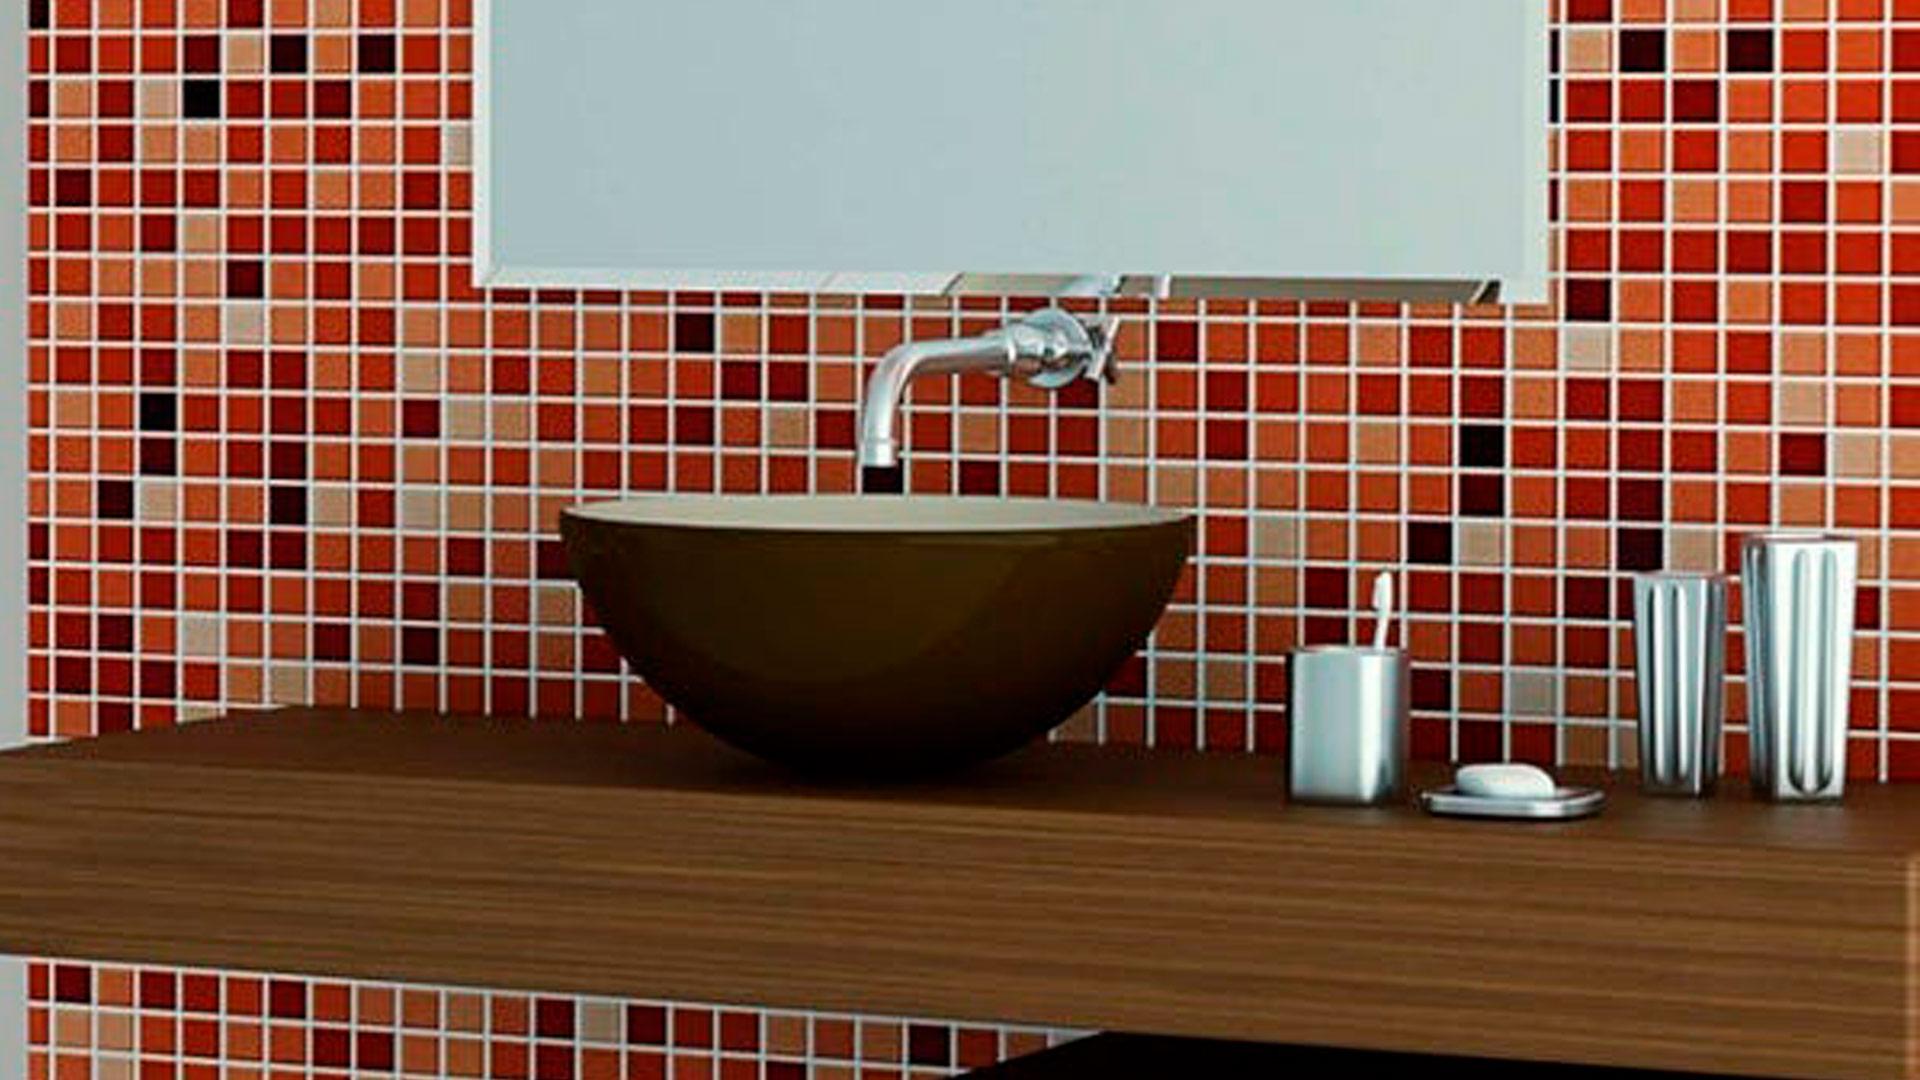 Cuba de Apoio para Banheiro 38x13 cm CAPPUCCINO ETERNIT